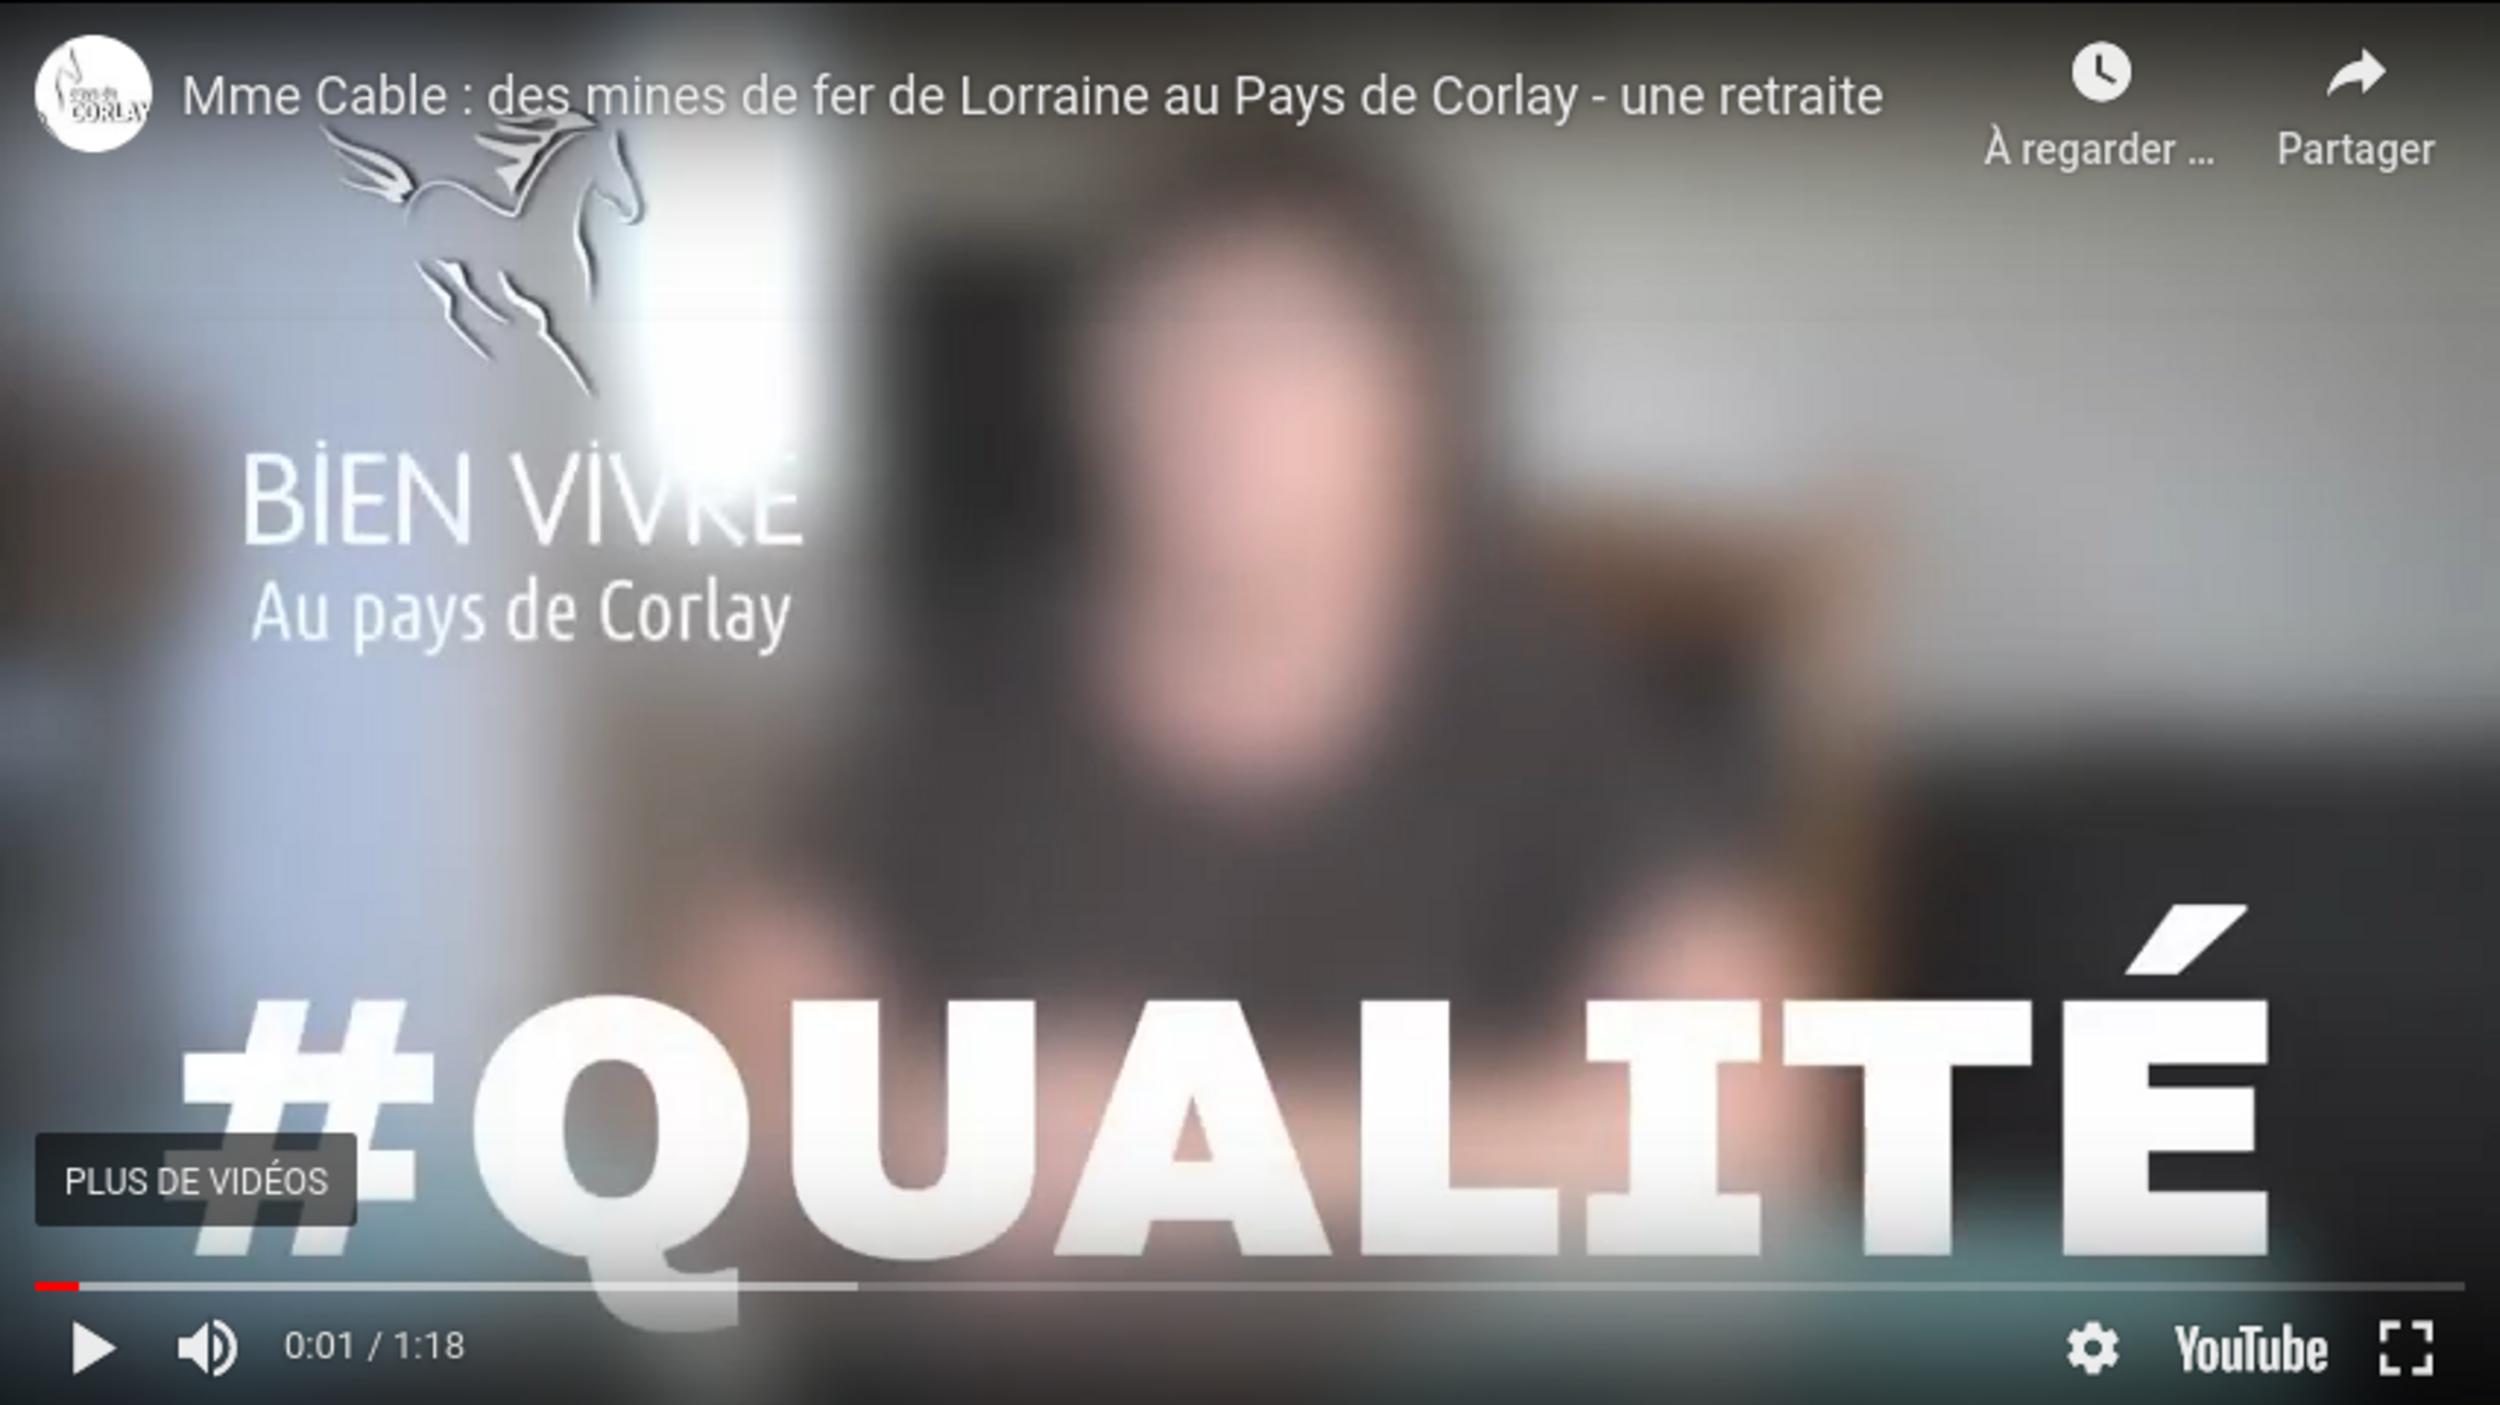 Mme Cable : des mines de fer de Lorraine au Pays de Corlay -